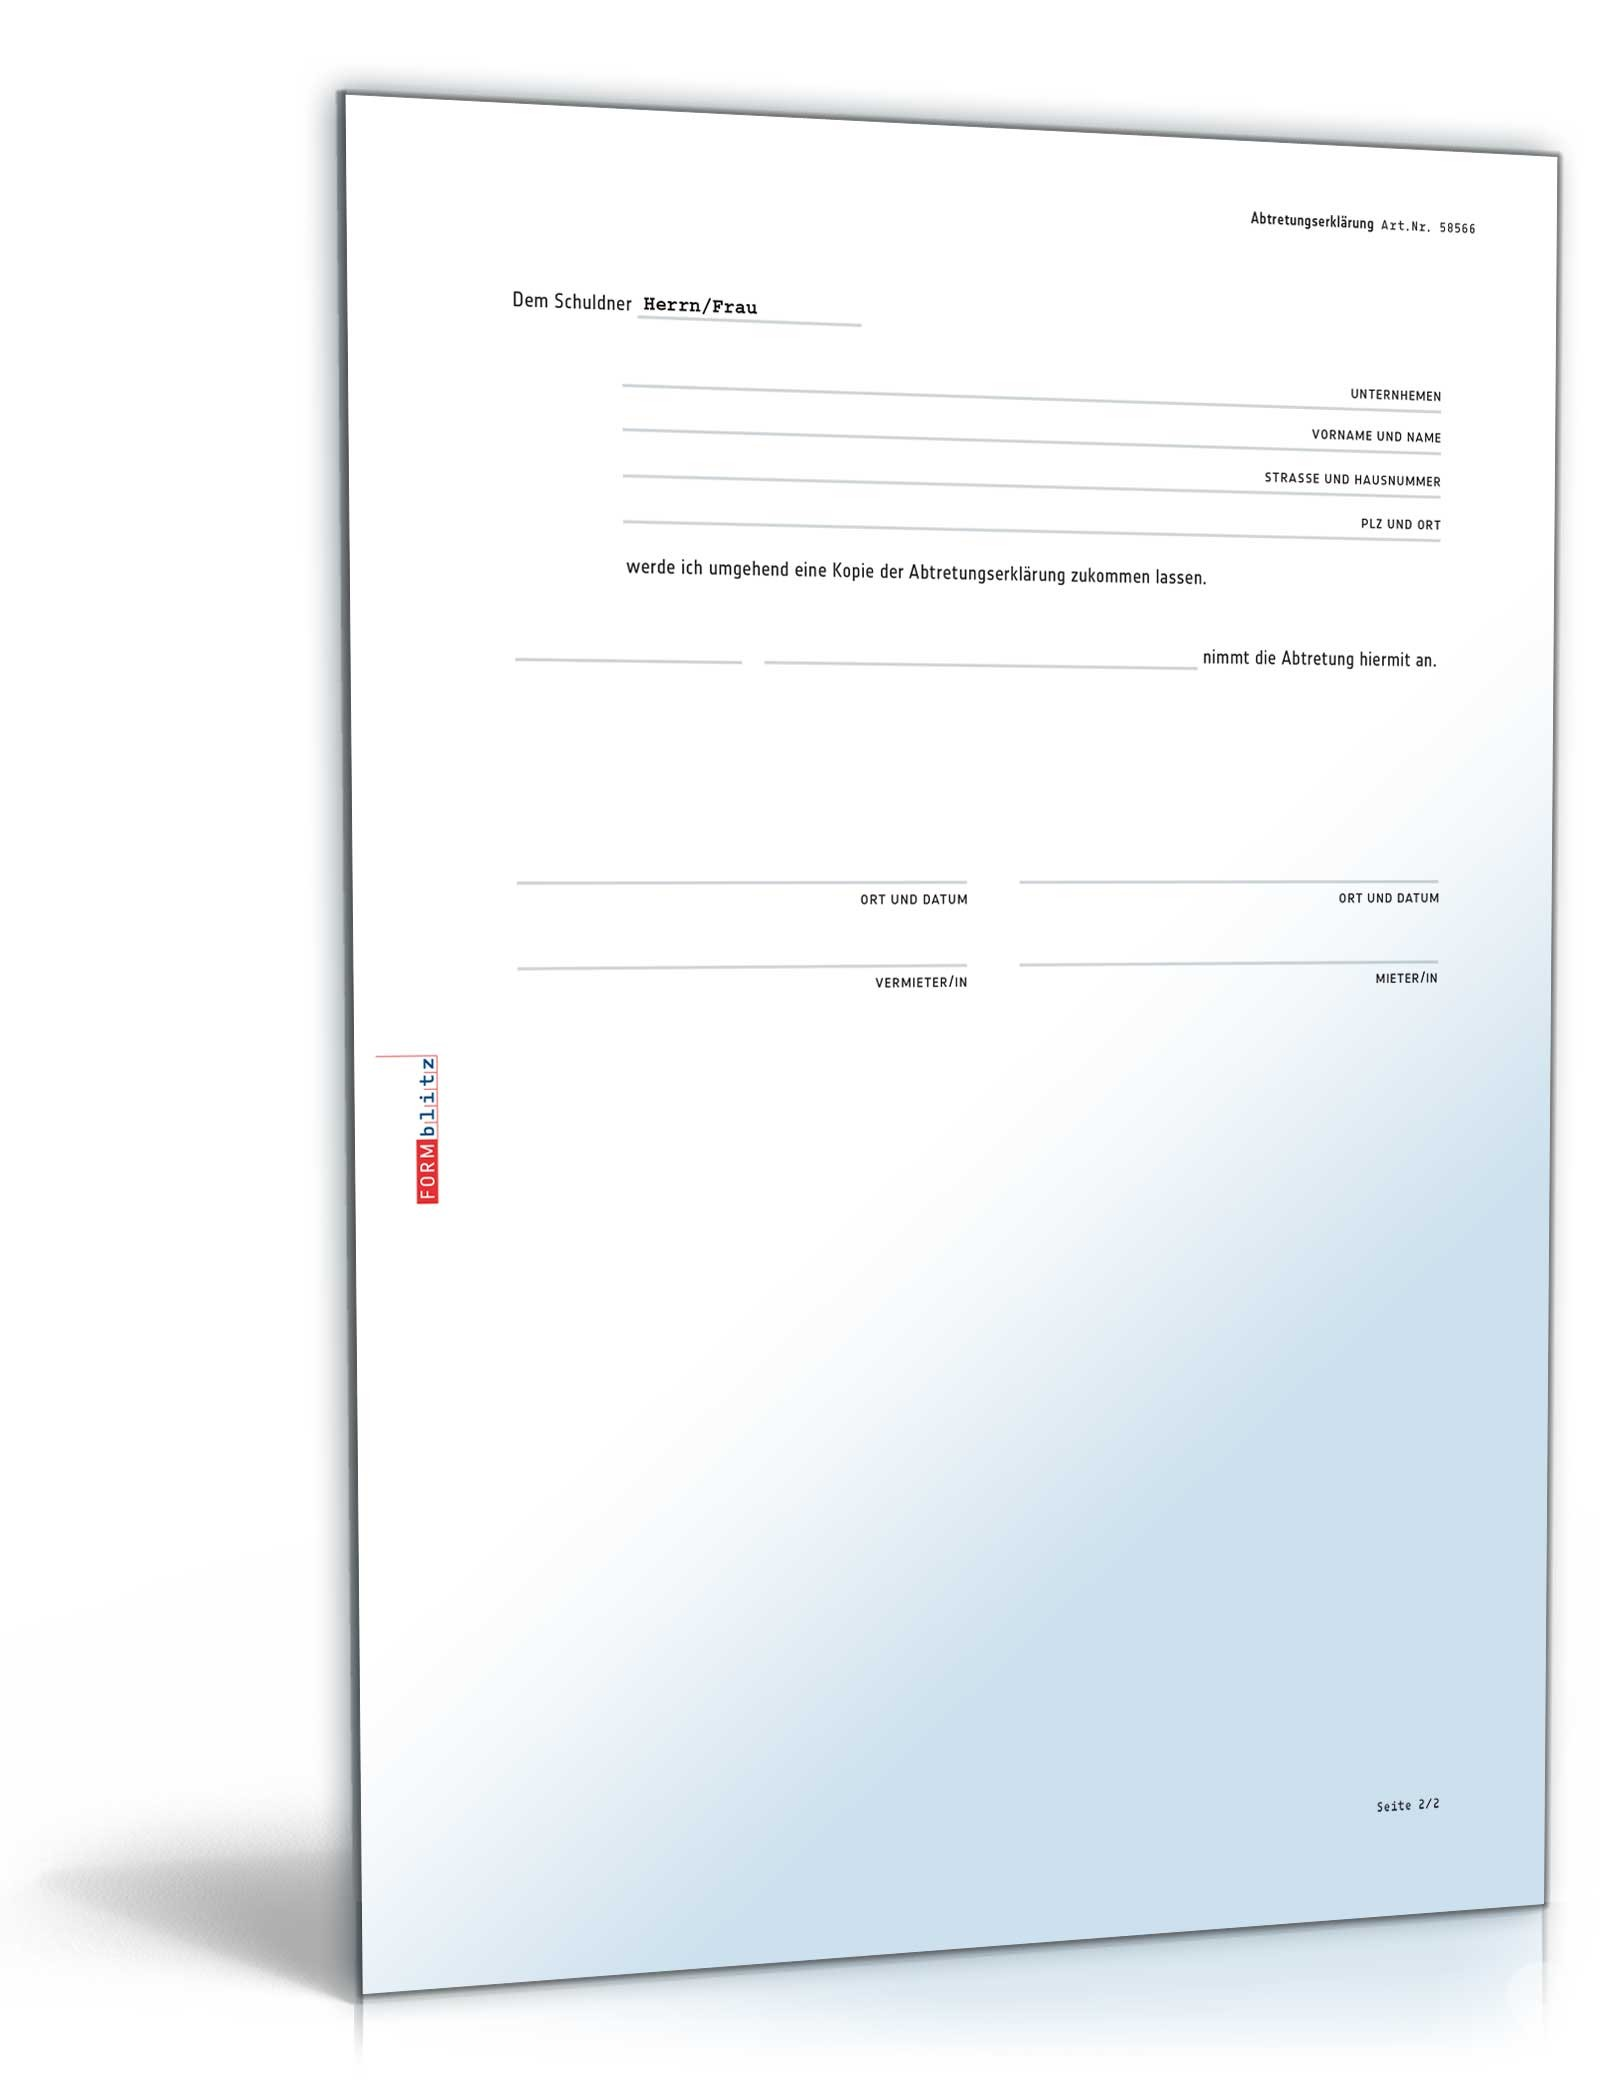 Abtretungserklarung Muster Vorlage Zum Download